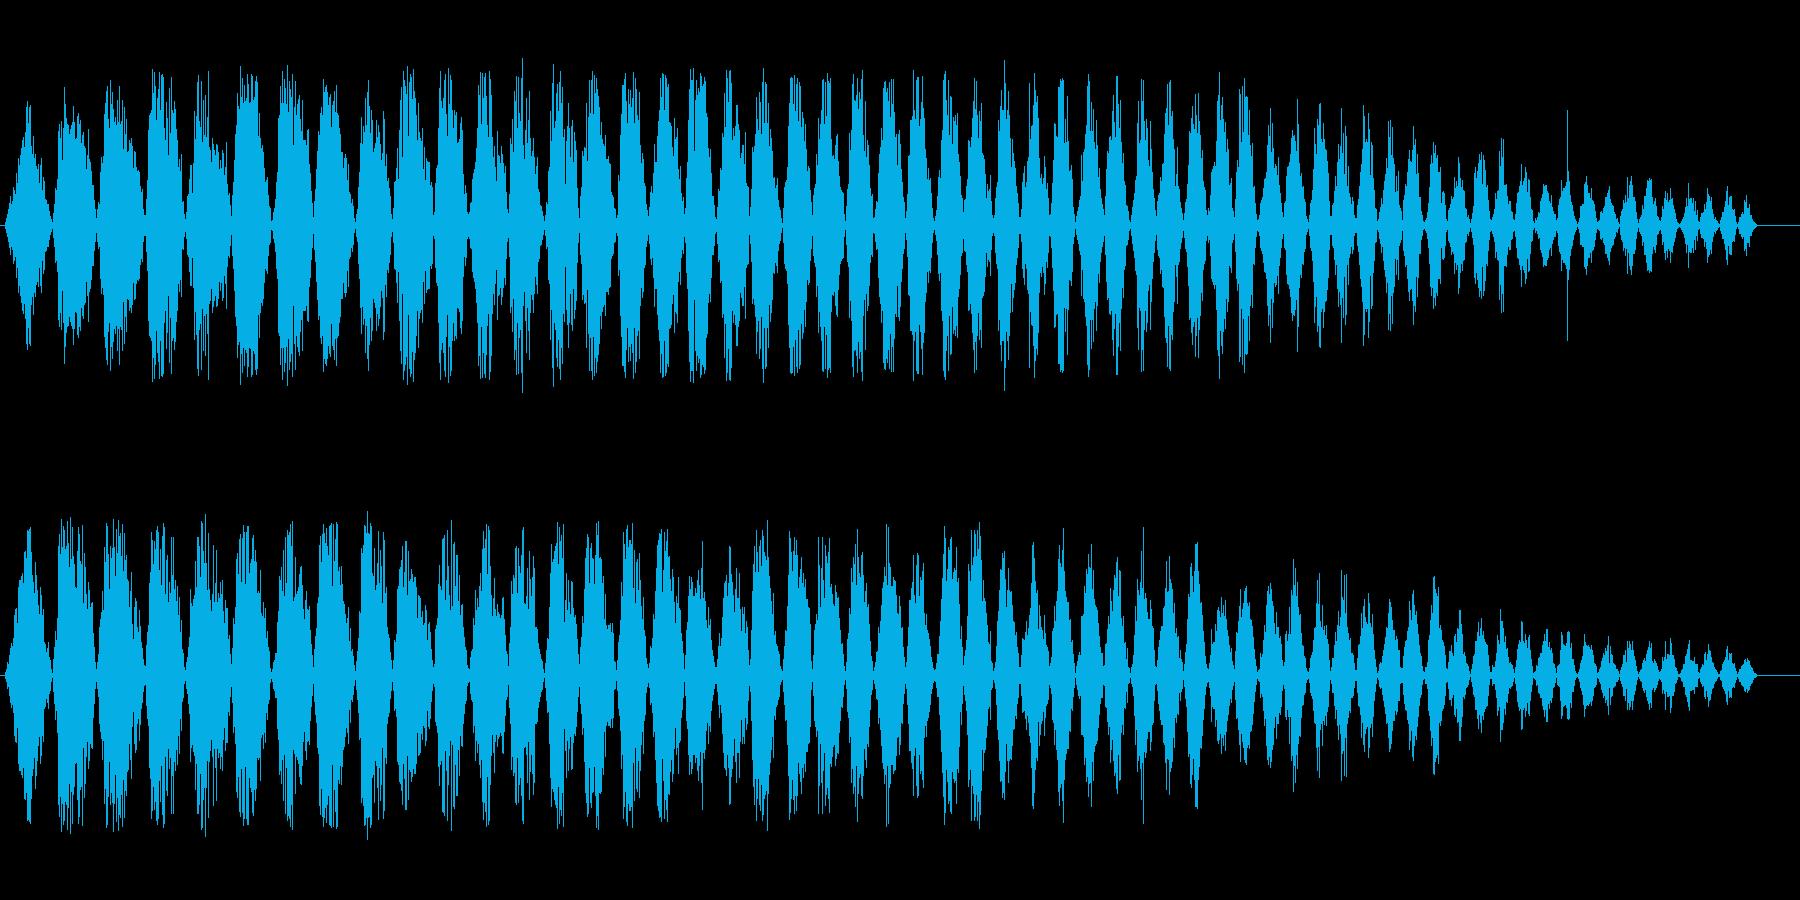 フライホイール(回転音)の再生済みの波形